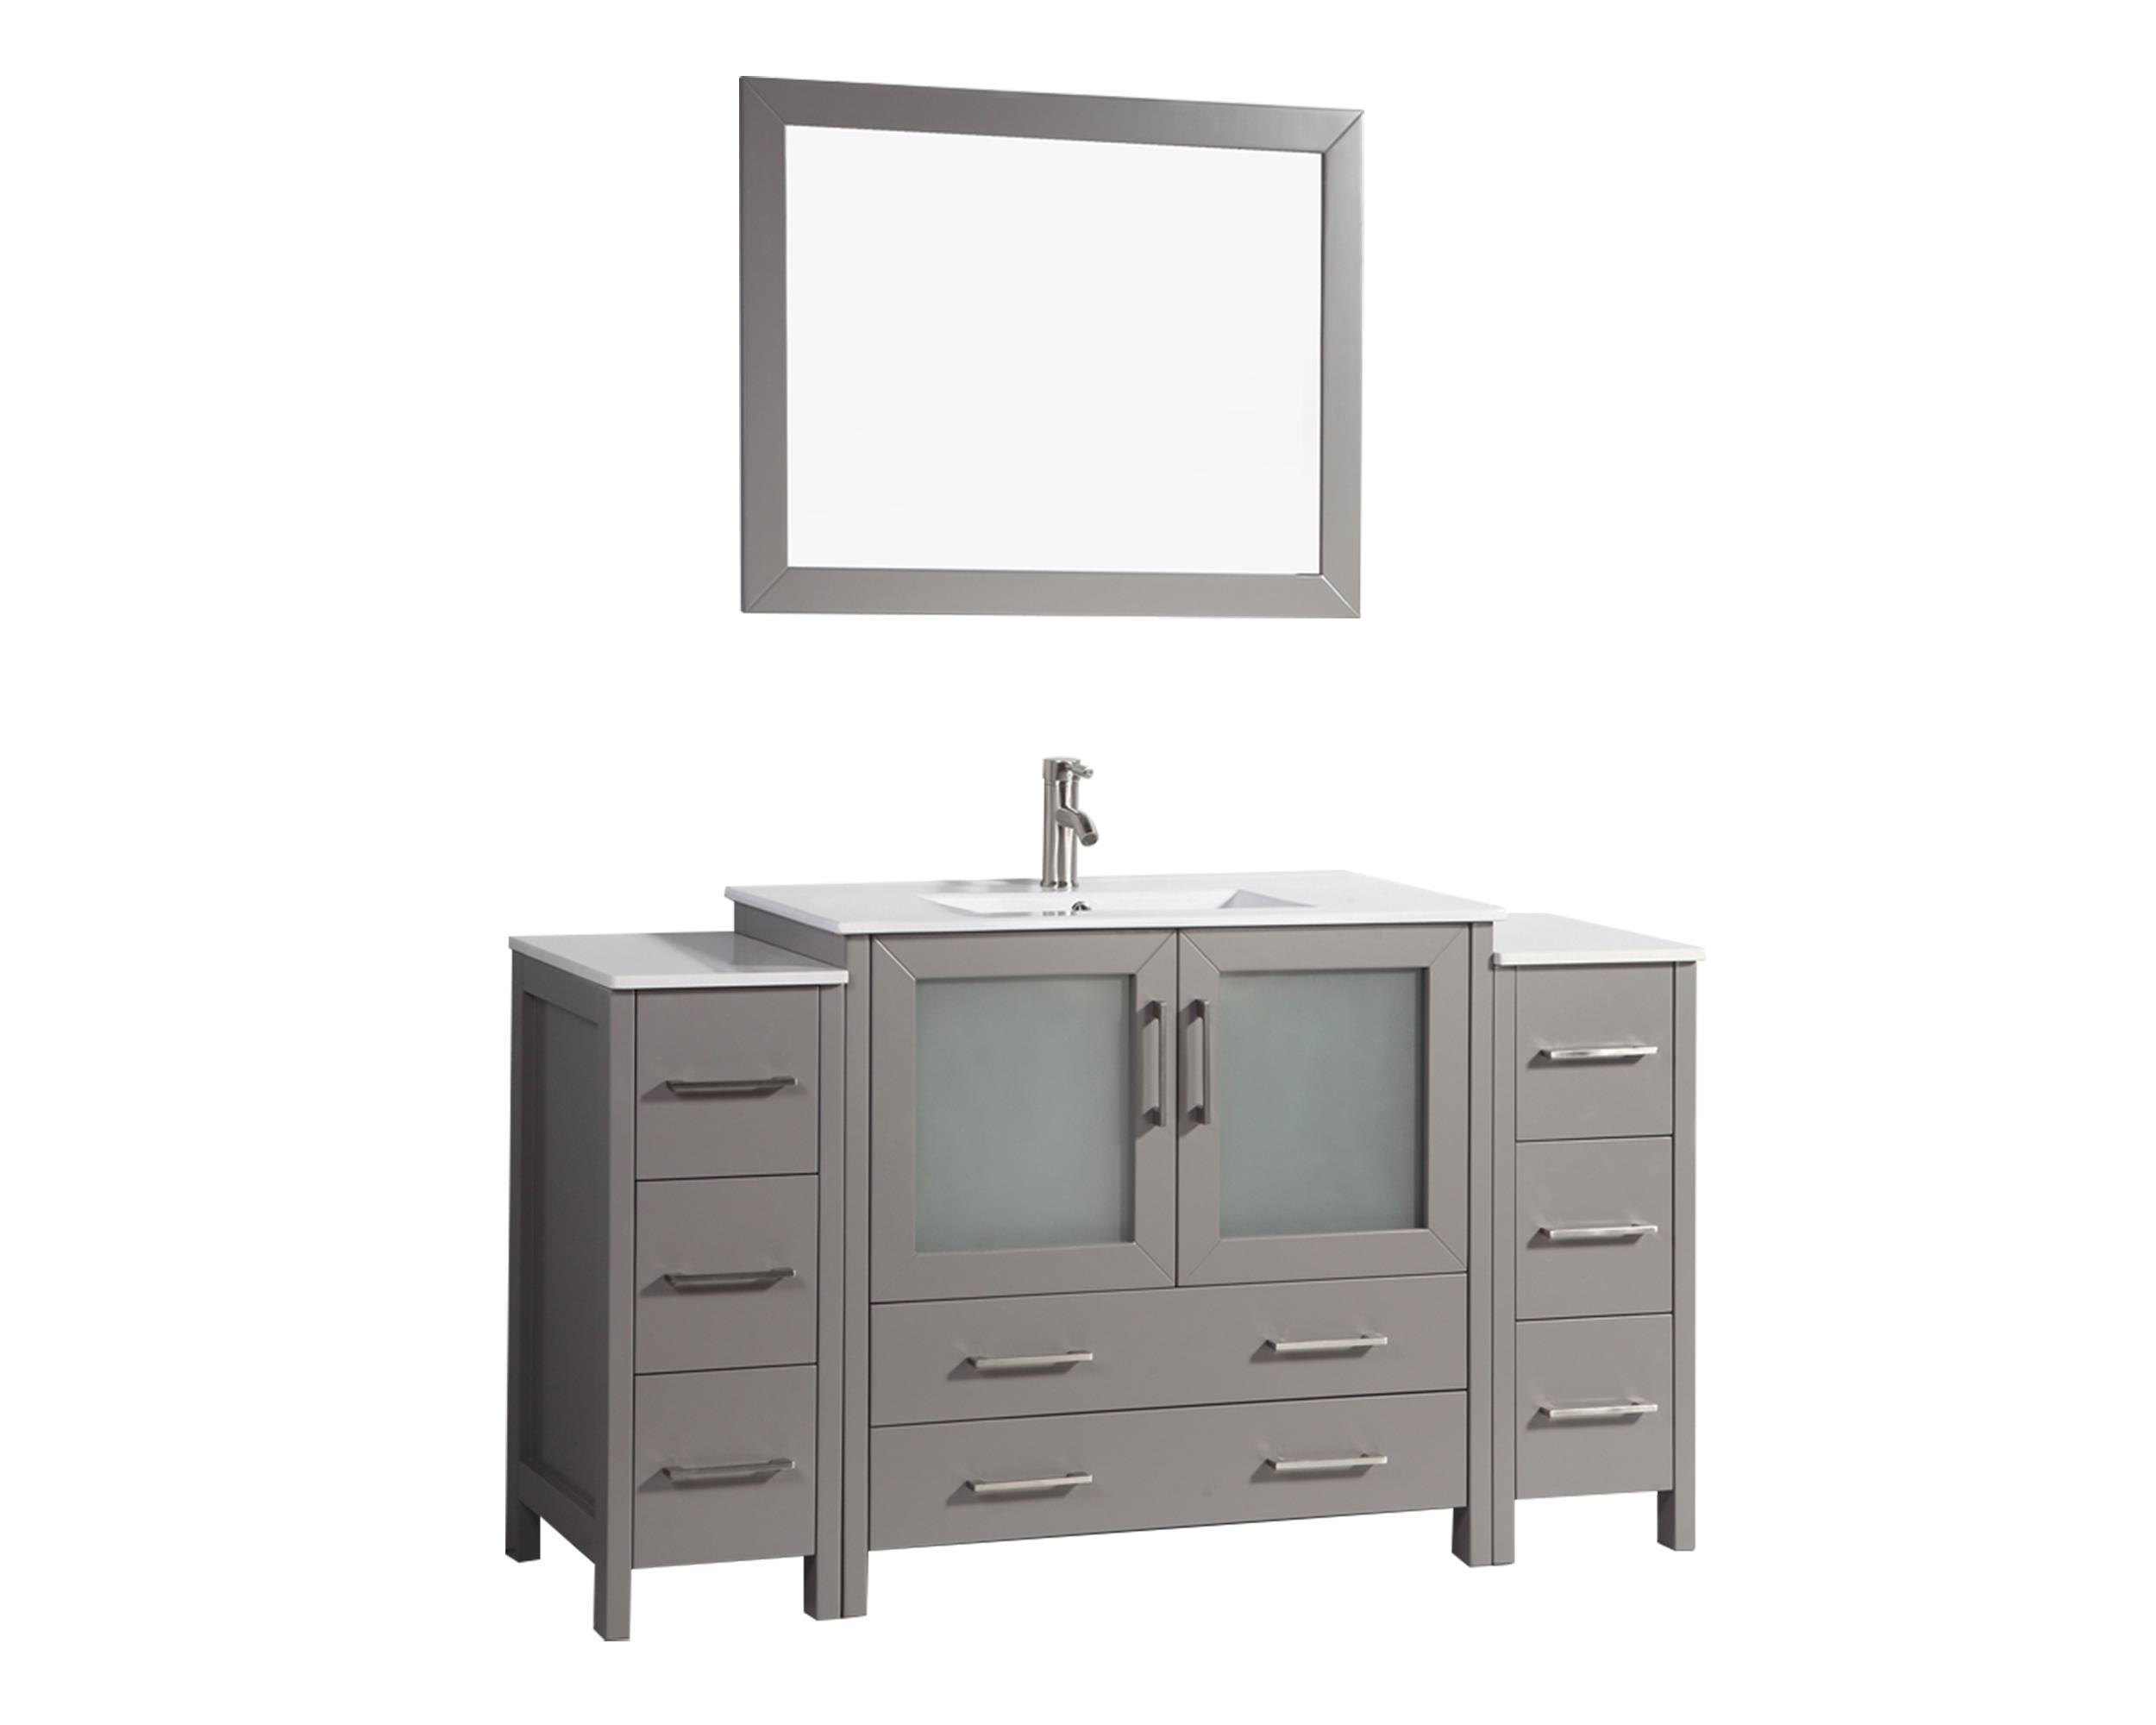 Vanity Art 60 Inch Single Sink Bathroom Vanity Set With Ceramic